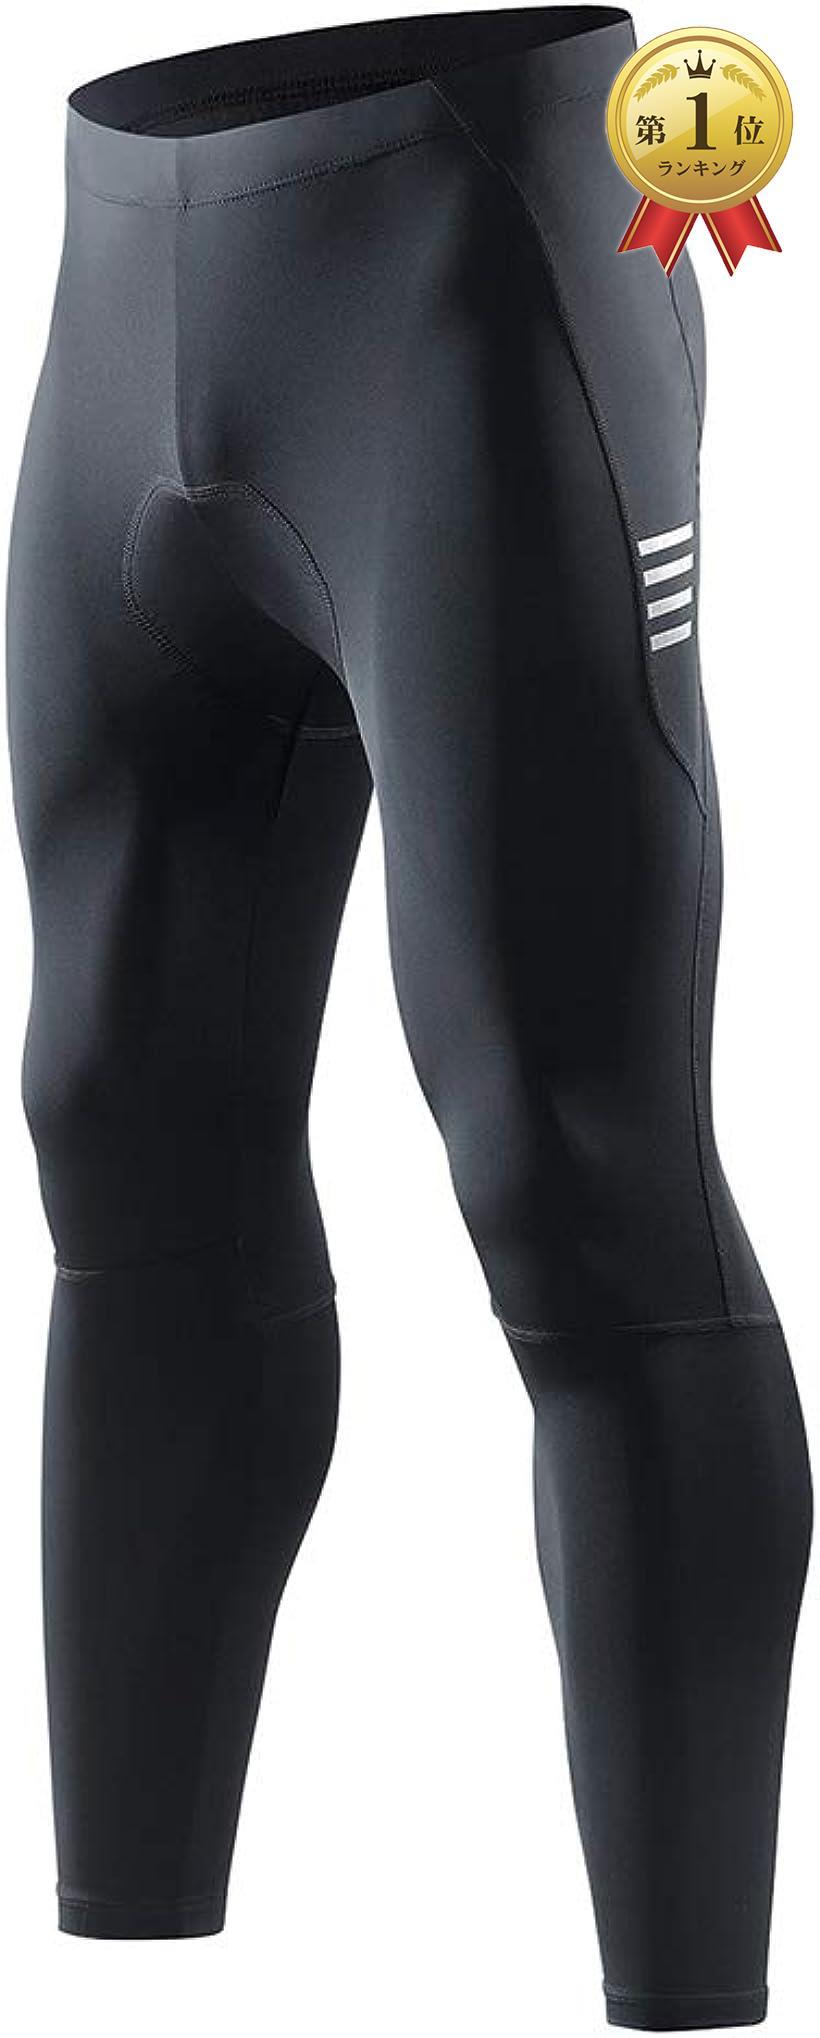 Santic 最安値挑戦 サンティック 開店祝い メンズ サイクルパンツ サイクルタイツ 4Dパッド付き ブラック レーサーパンツ 春夏用 XL ロードバイク ロング